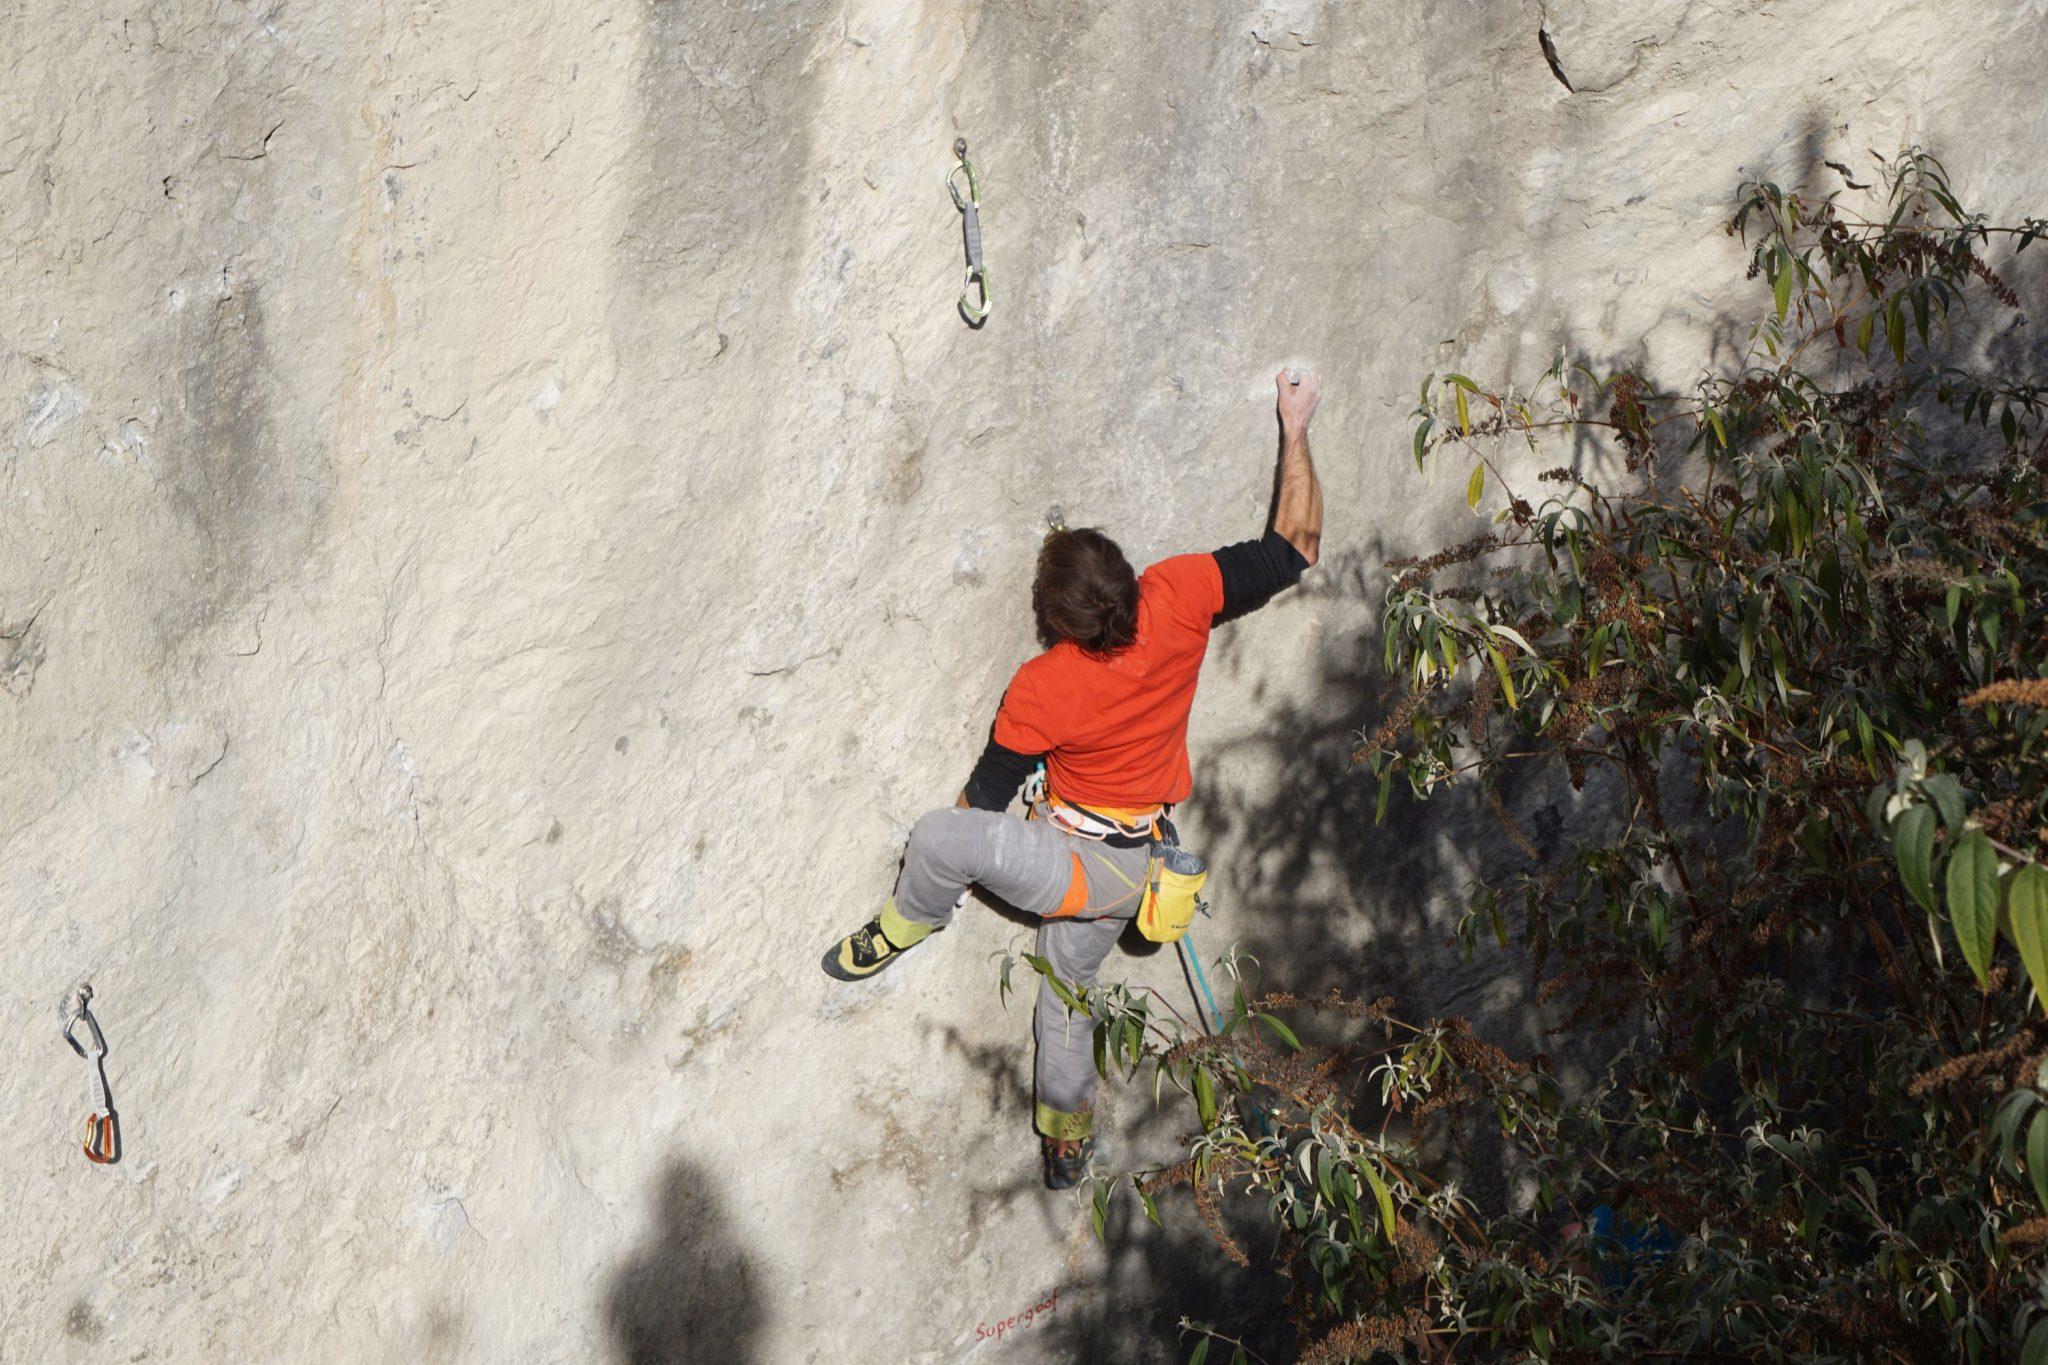 Klettergarten Dschungelbuch | Climbers Paradise